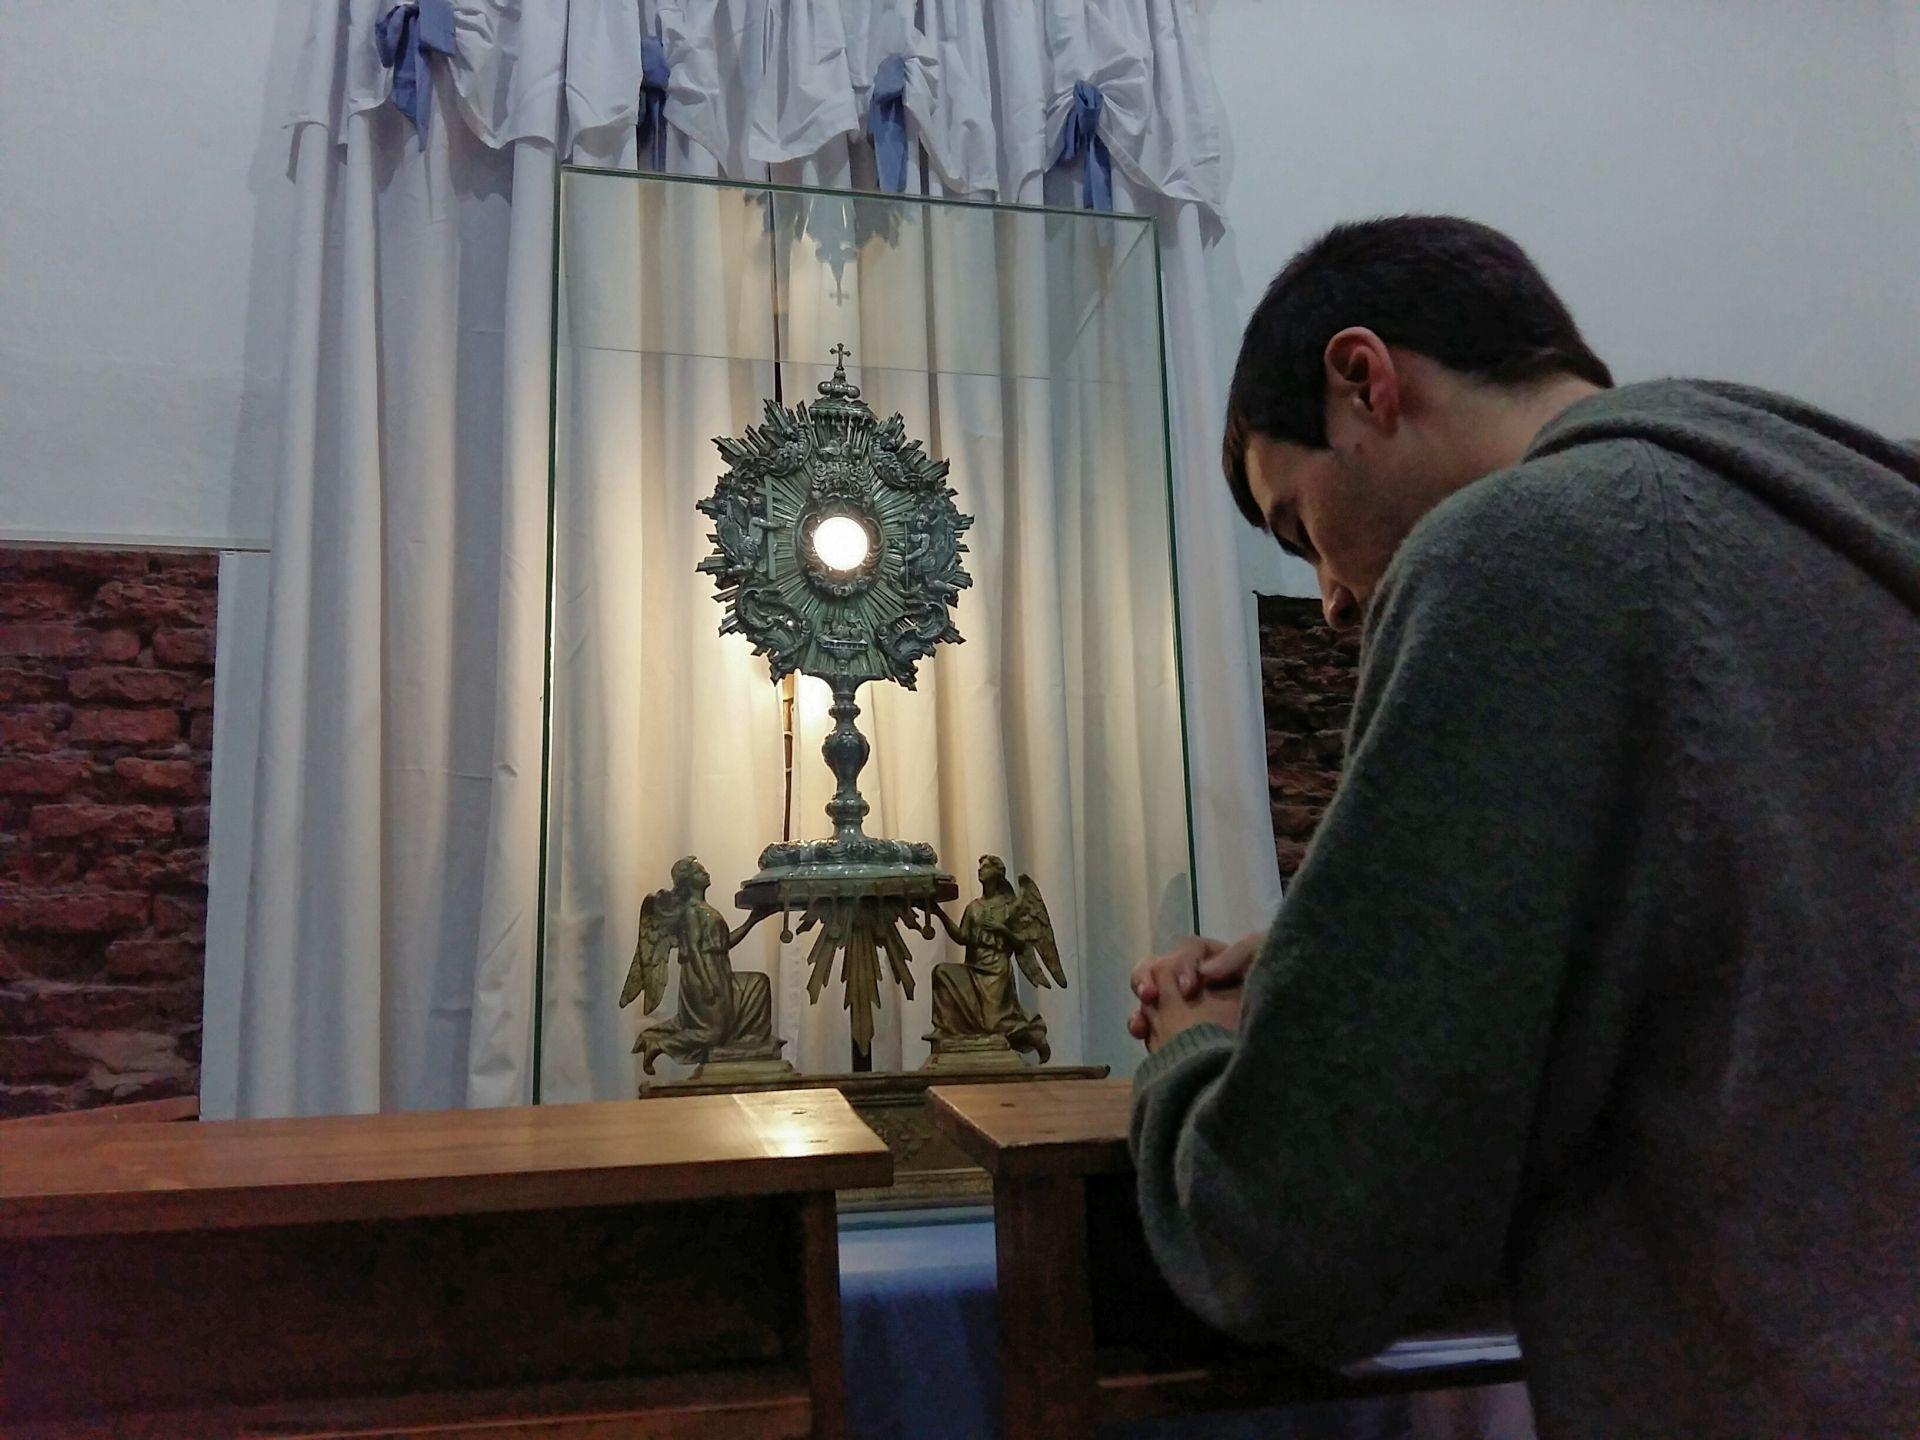 Aprovado o milagre que levará à beatificação de Carlo Acutis, o ciberapostólo da Eucaristia